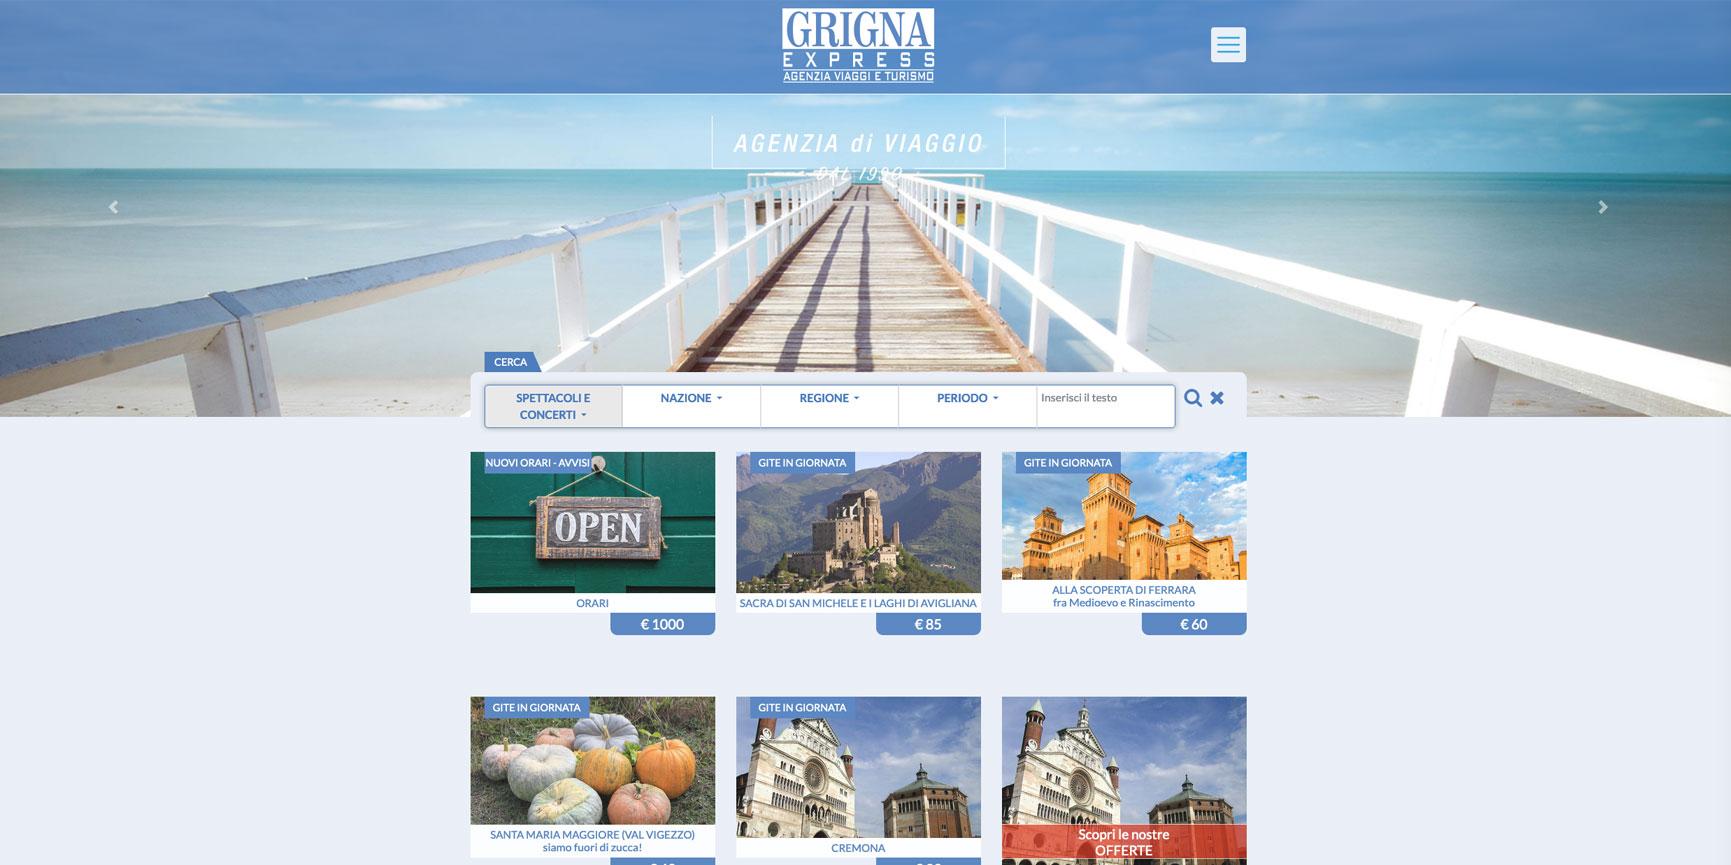 web sito internet grigna express agenzia viaggi turismo vacanze pacchetti